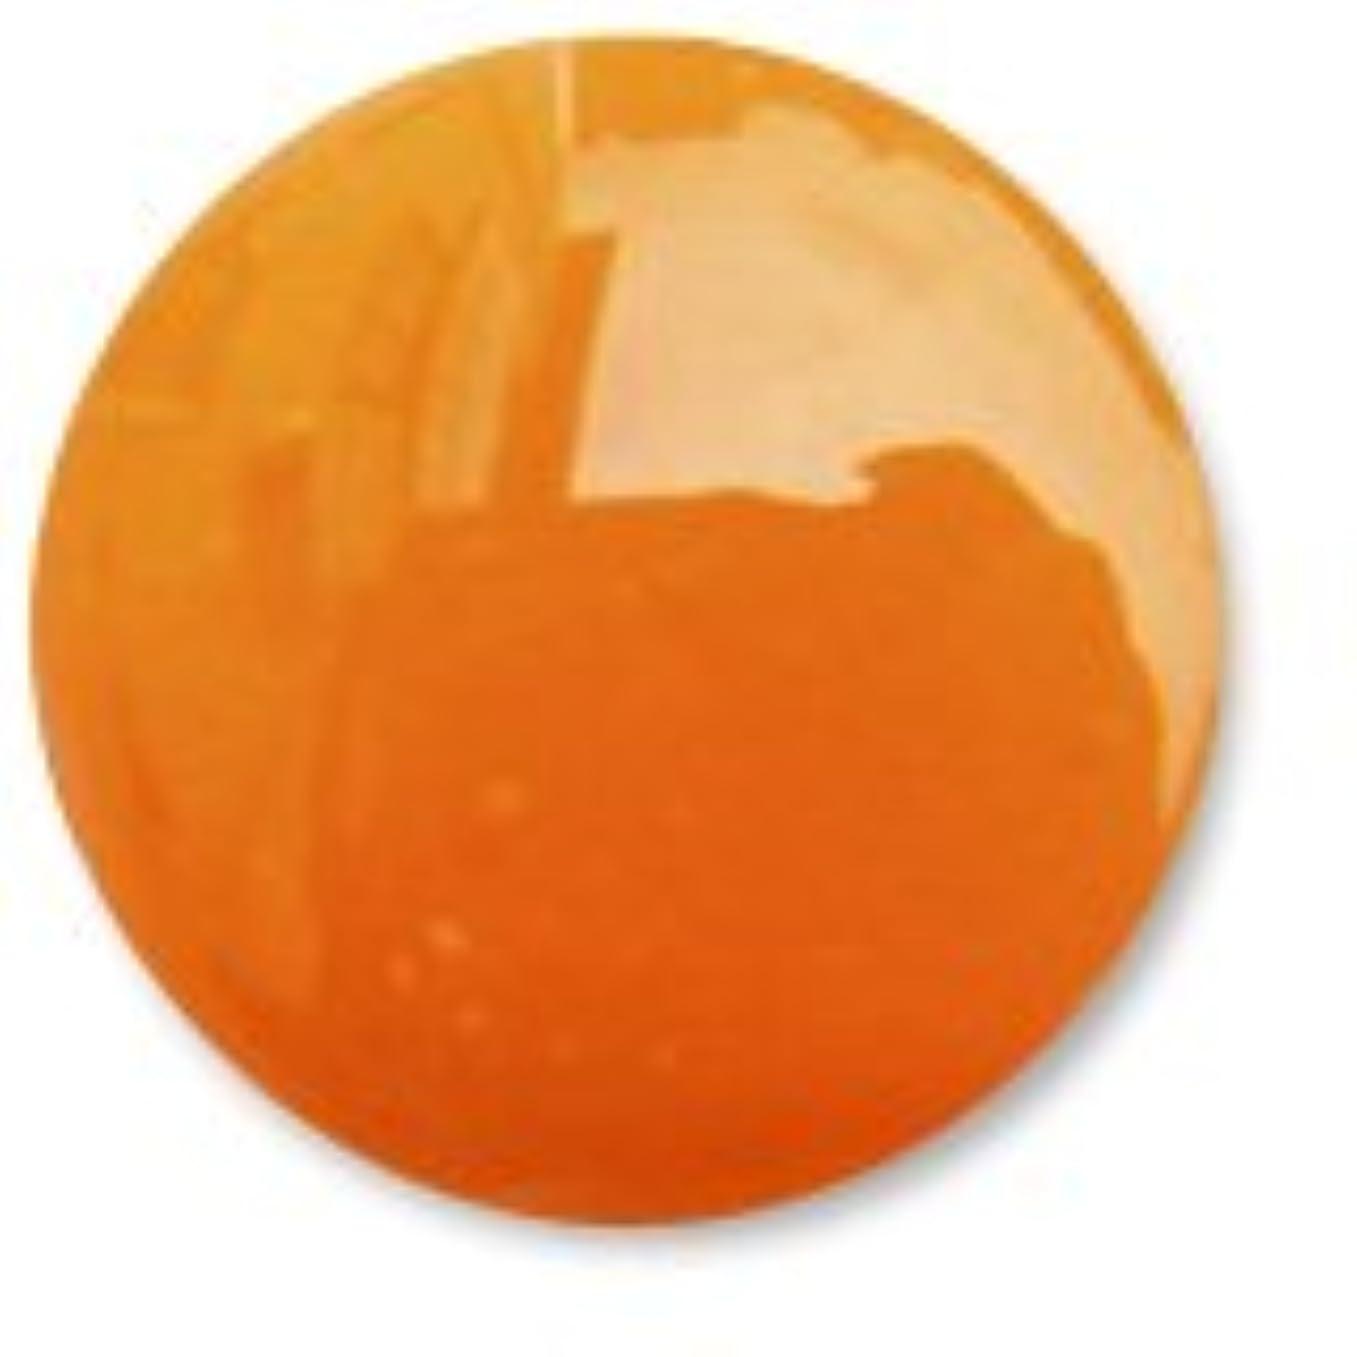 巨大な馬鹿げたブラウザ【ジェルネイル】Naility! ソークオフカラージェル マットオレンジ 3.5g